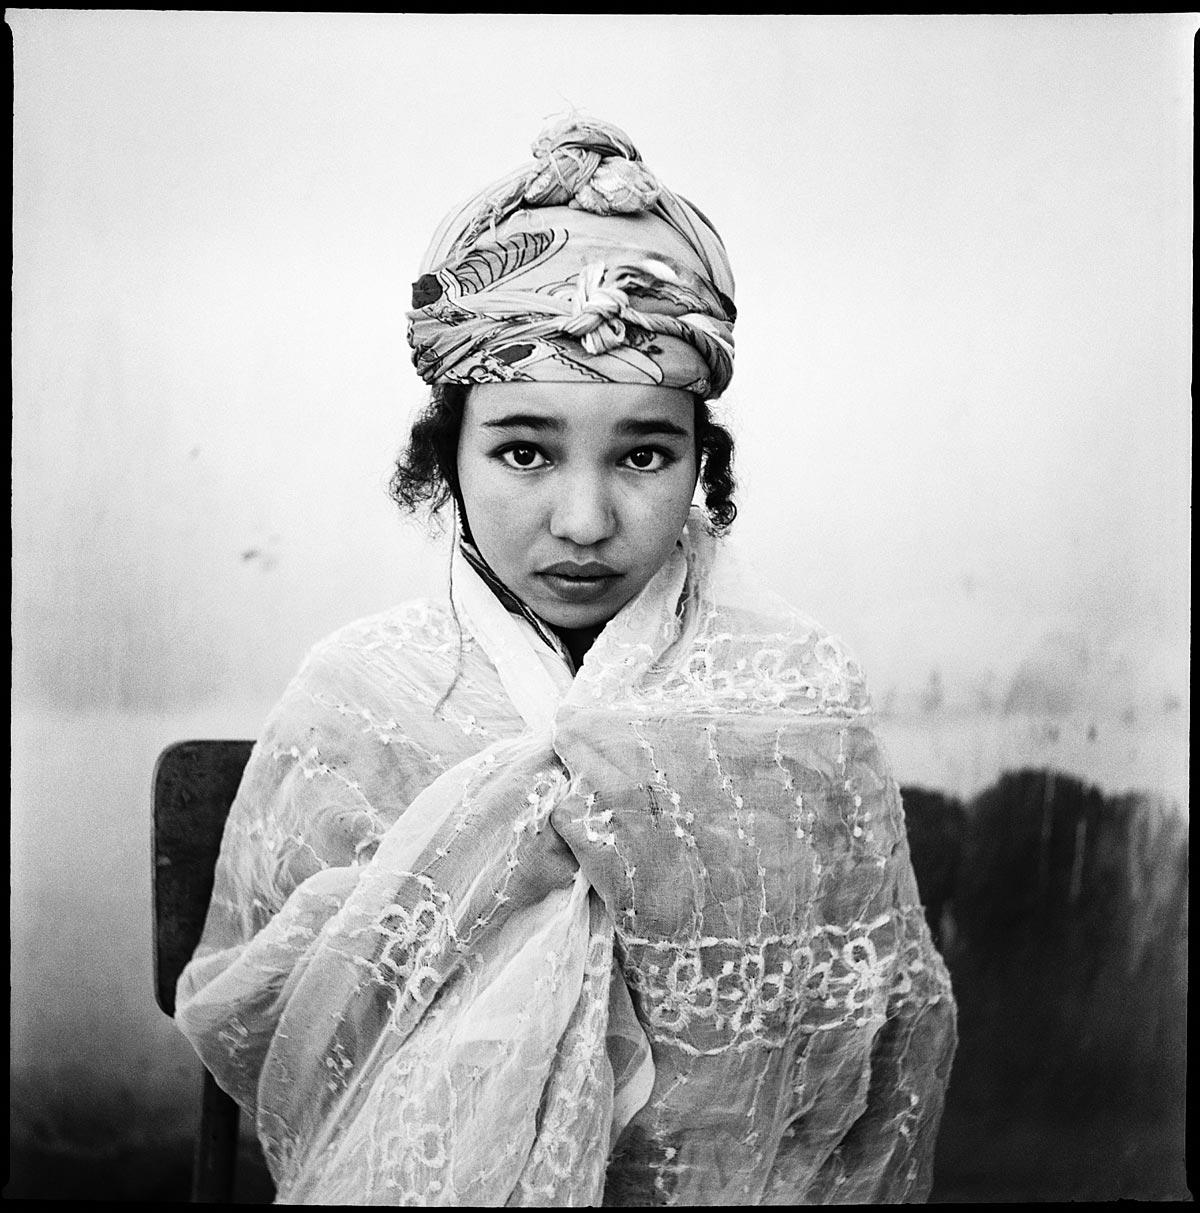 Marc Garanger, Femmes algériennes ( détail), 1960 © Coll. kunstenaar, Lamblore, Courtesy Galerie Binôme, Paris